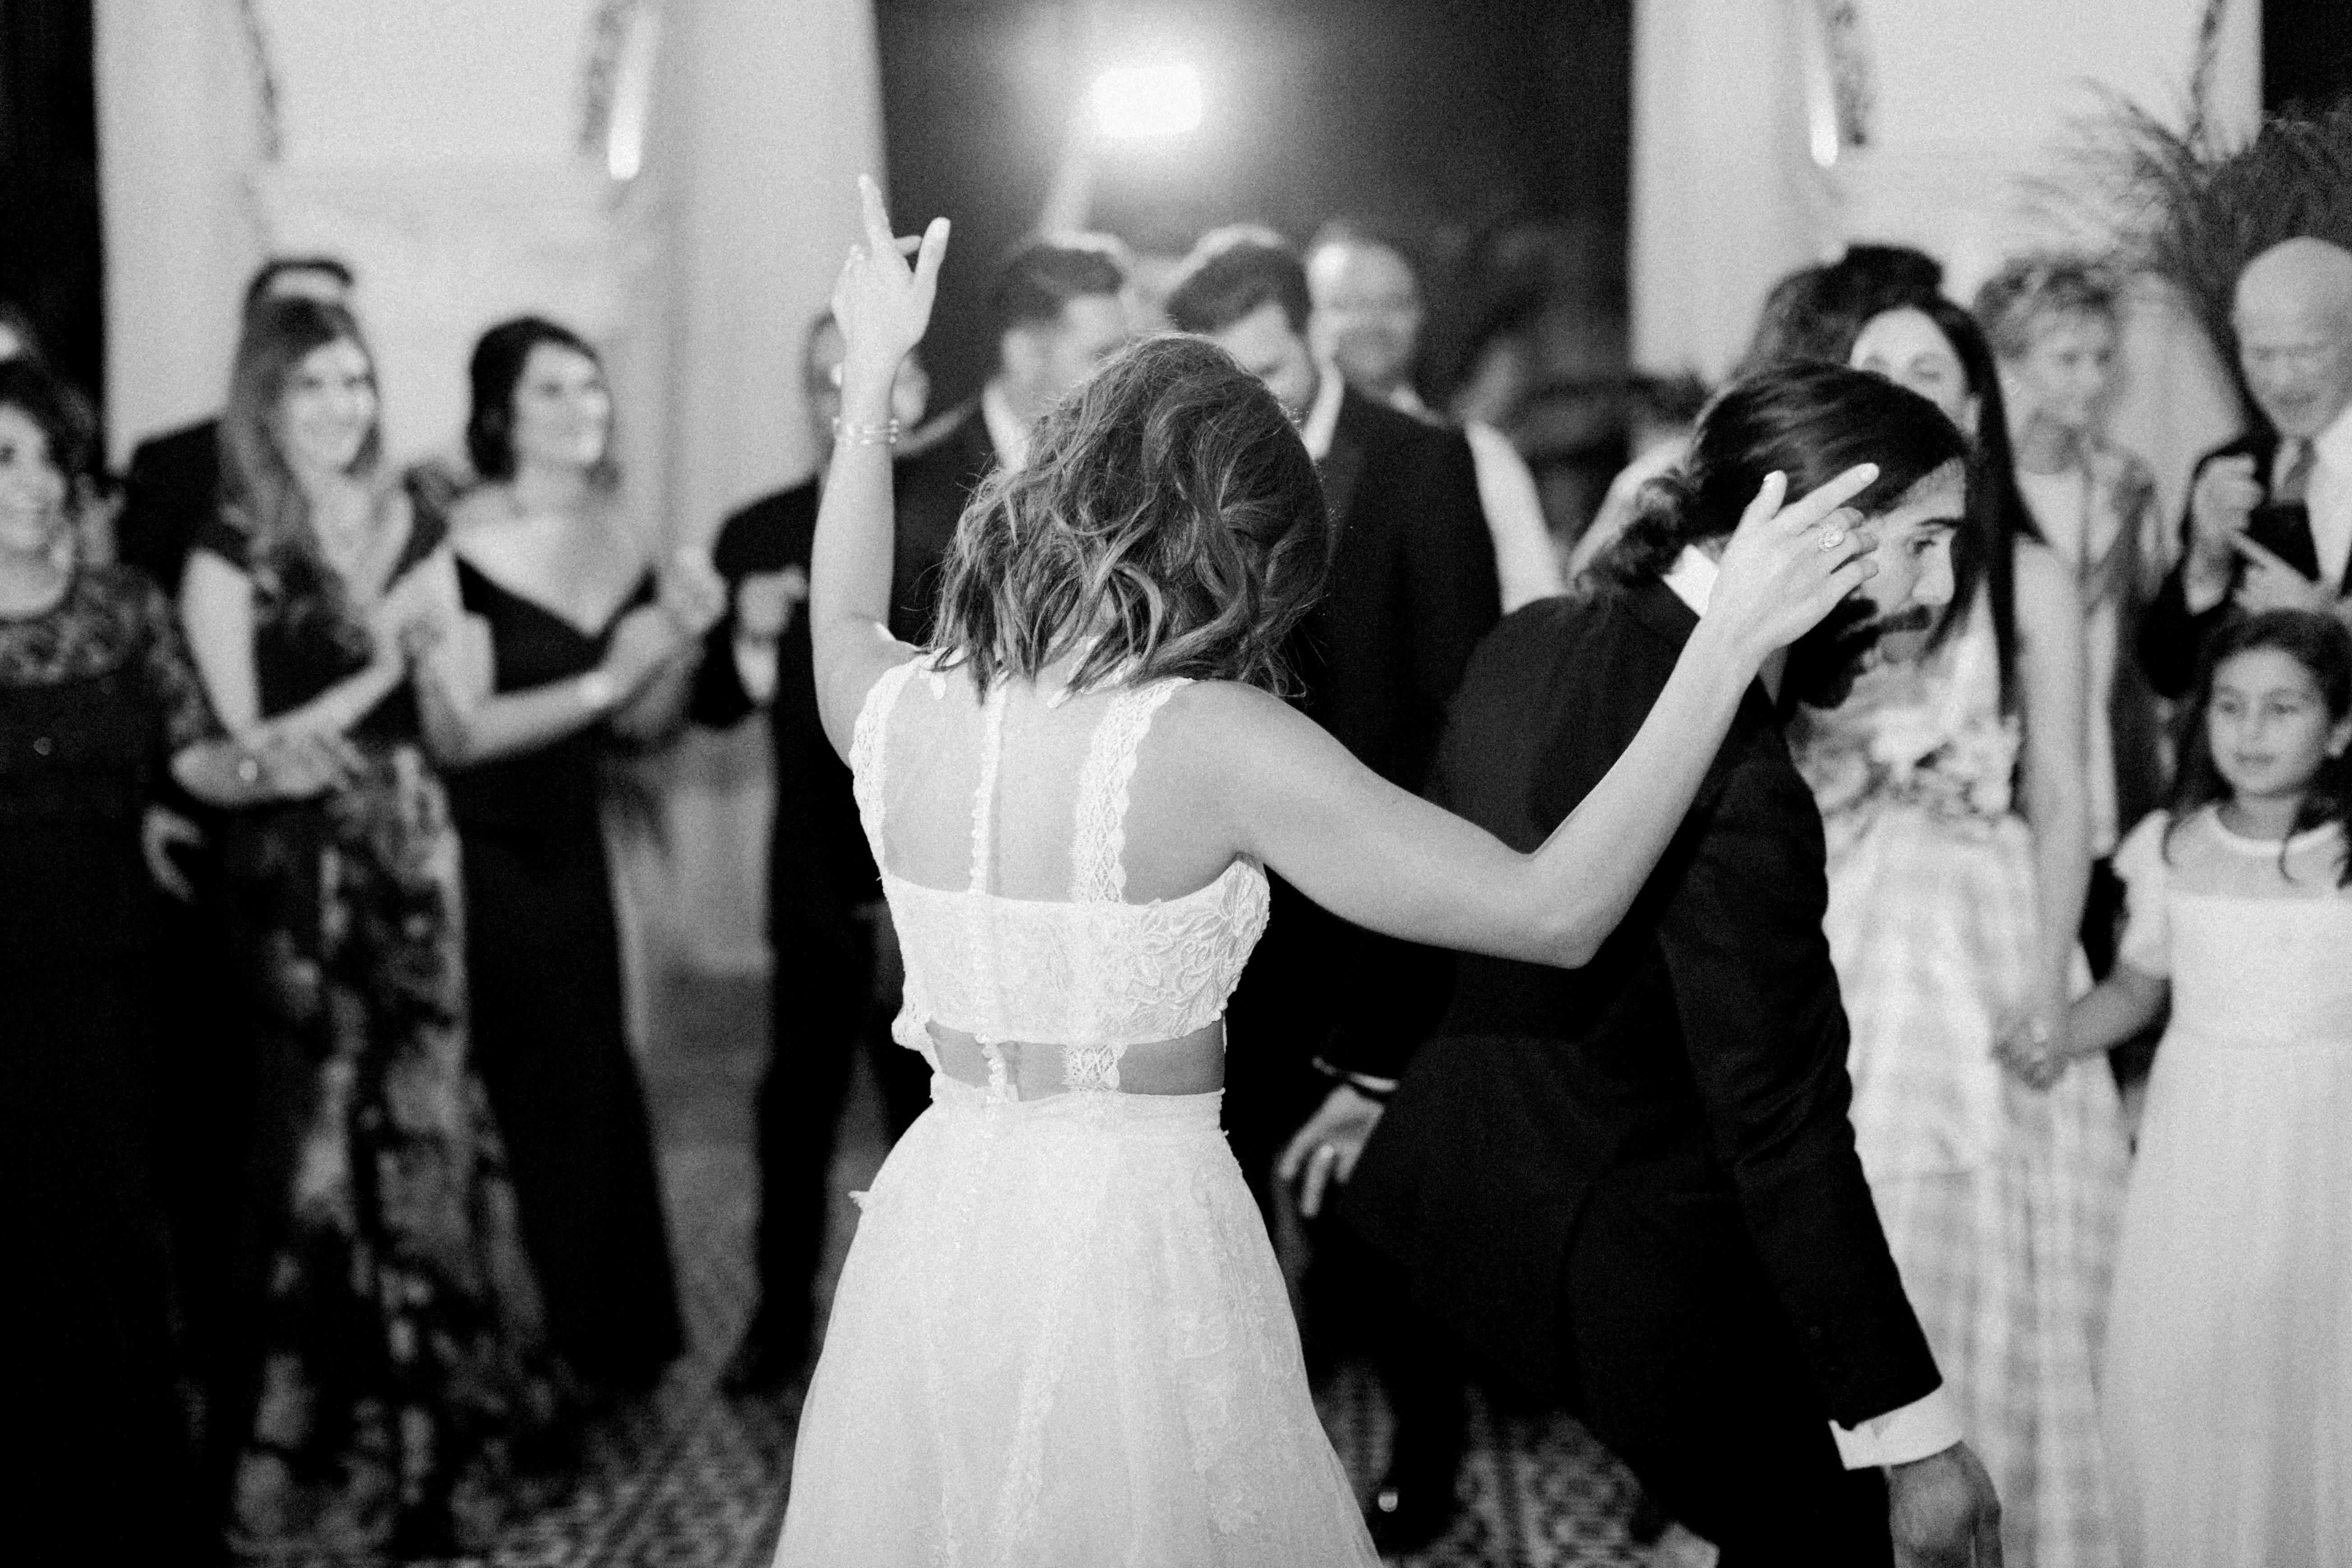 dancing dance floor reception